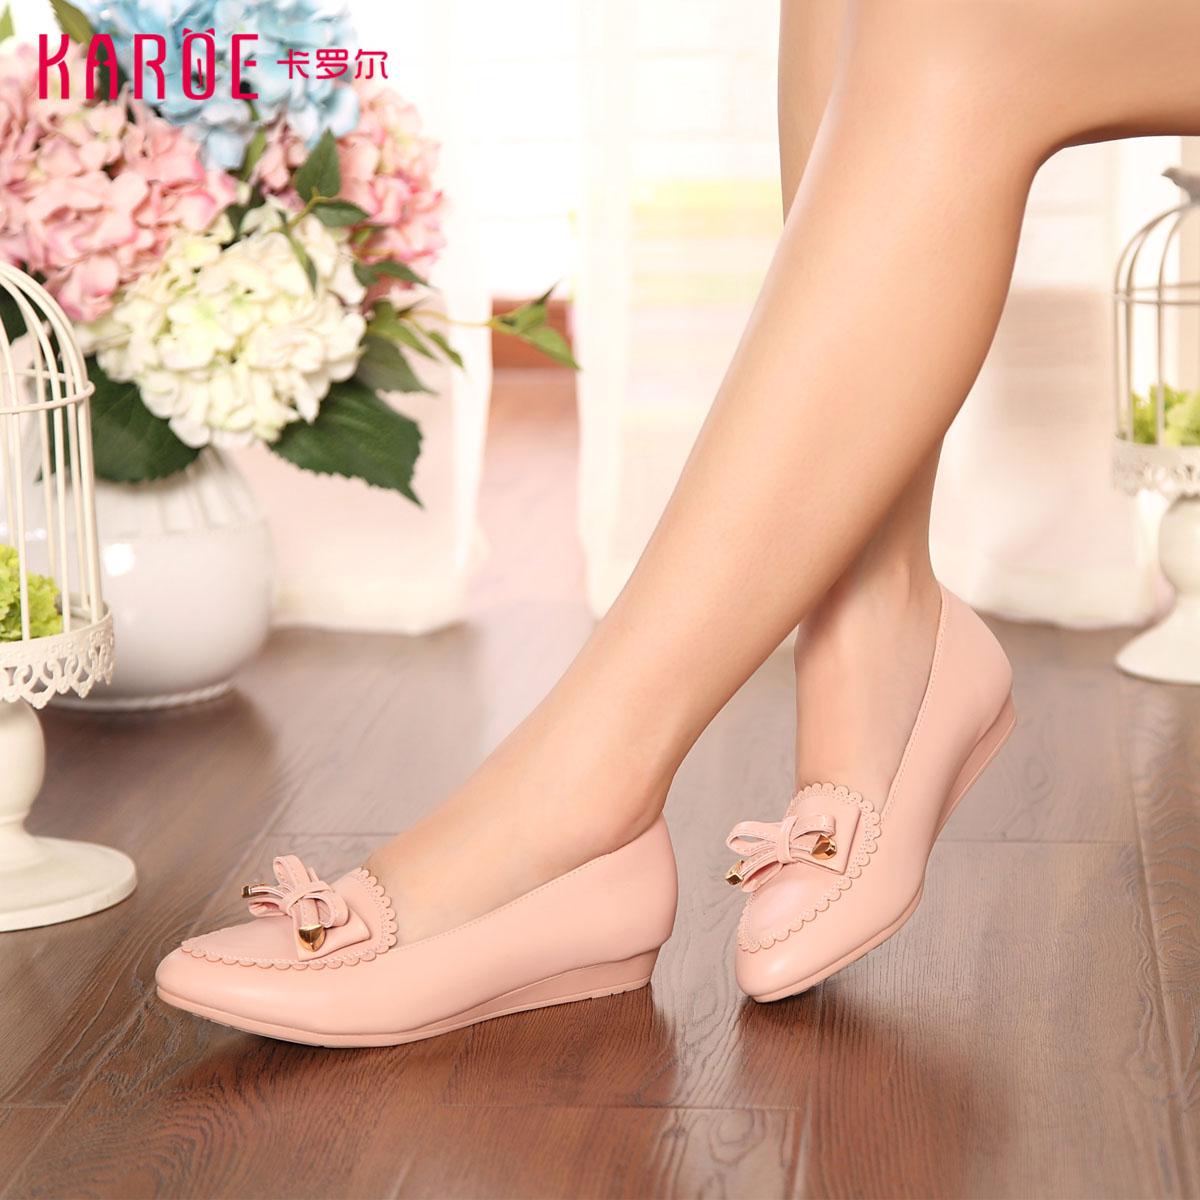 karoe女鞋新款女单鞋 简约时尚休闲鞋 pu女鞋低跟鞋女单鞋t6678